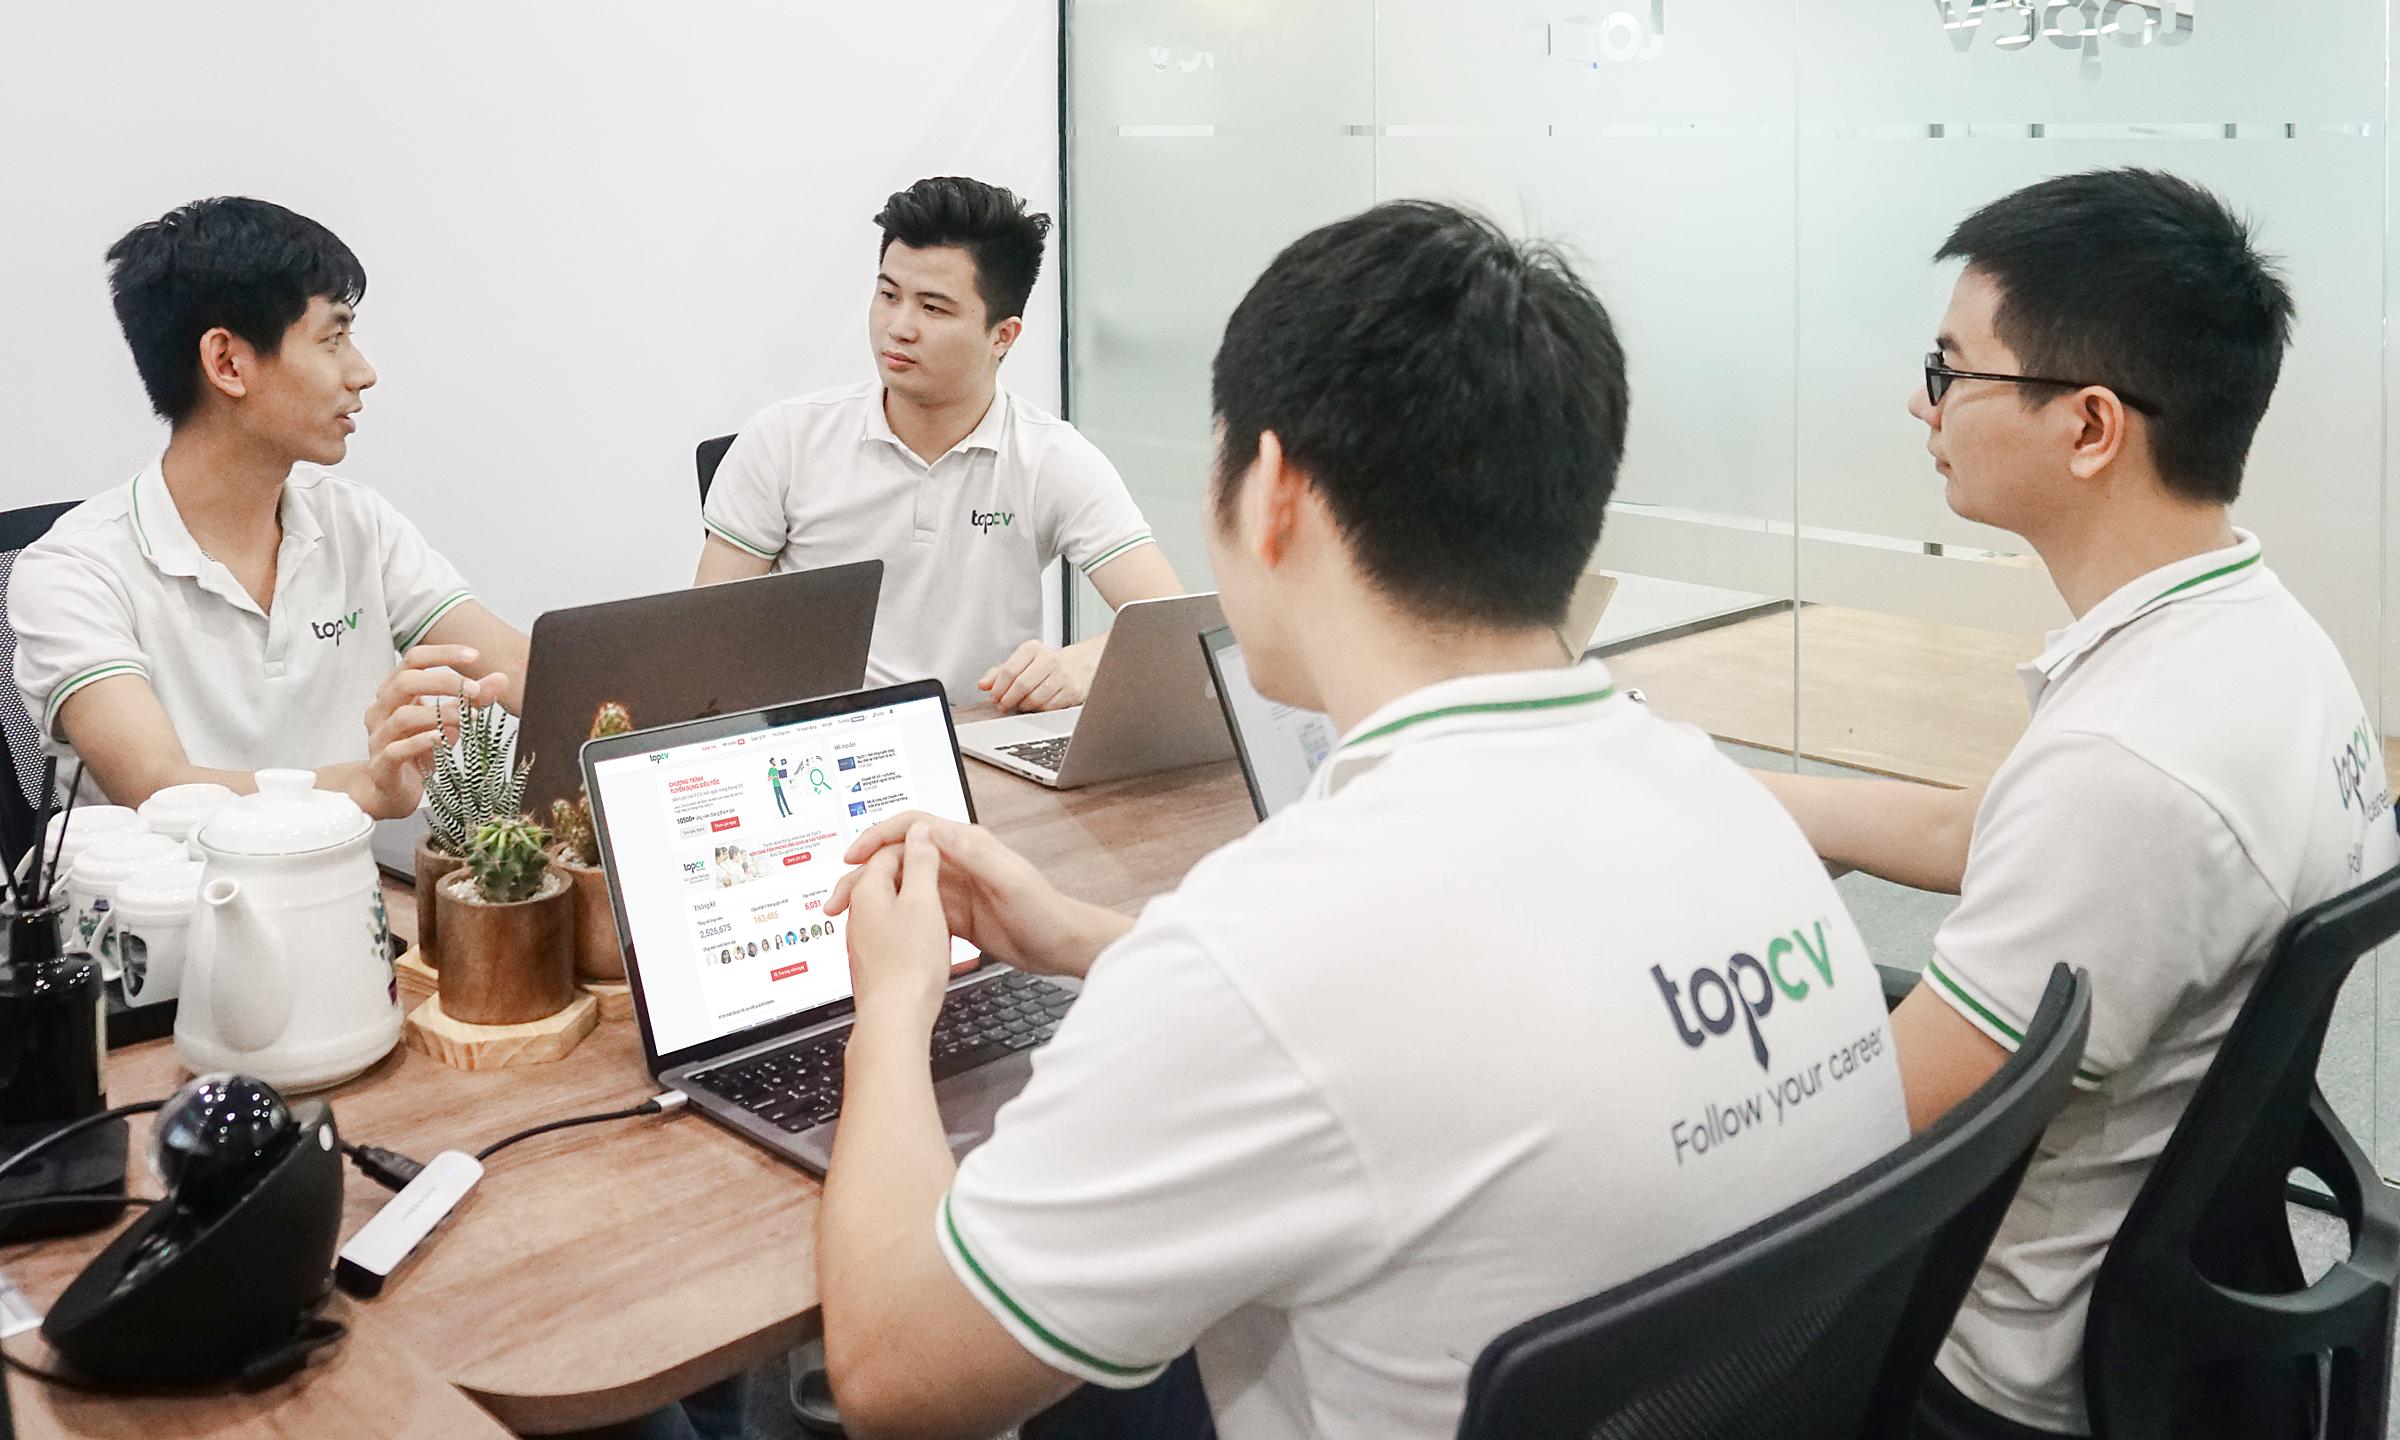 TopCV đặt mục tiêu thay đổi thị trường tuyển dụng, nhân sự Việt Nam ngày càng hiệu quả hơn. Ảnh: TopCV.